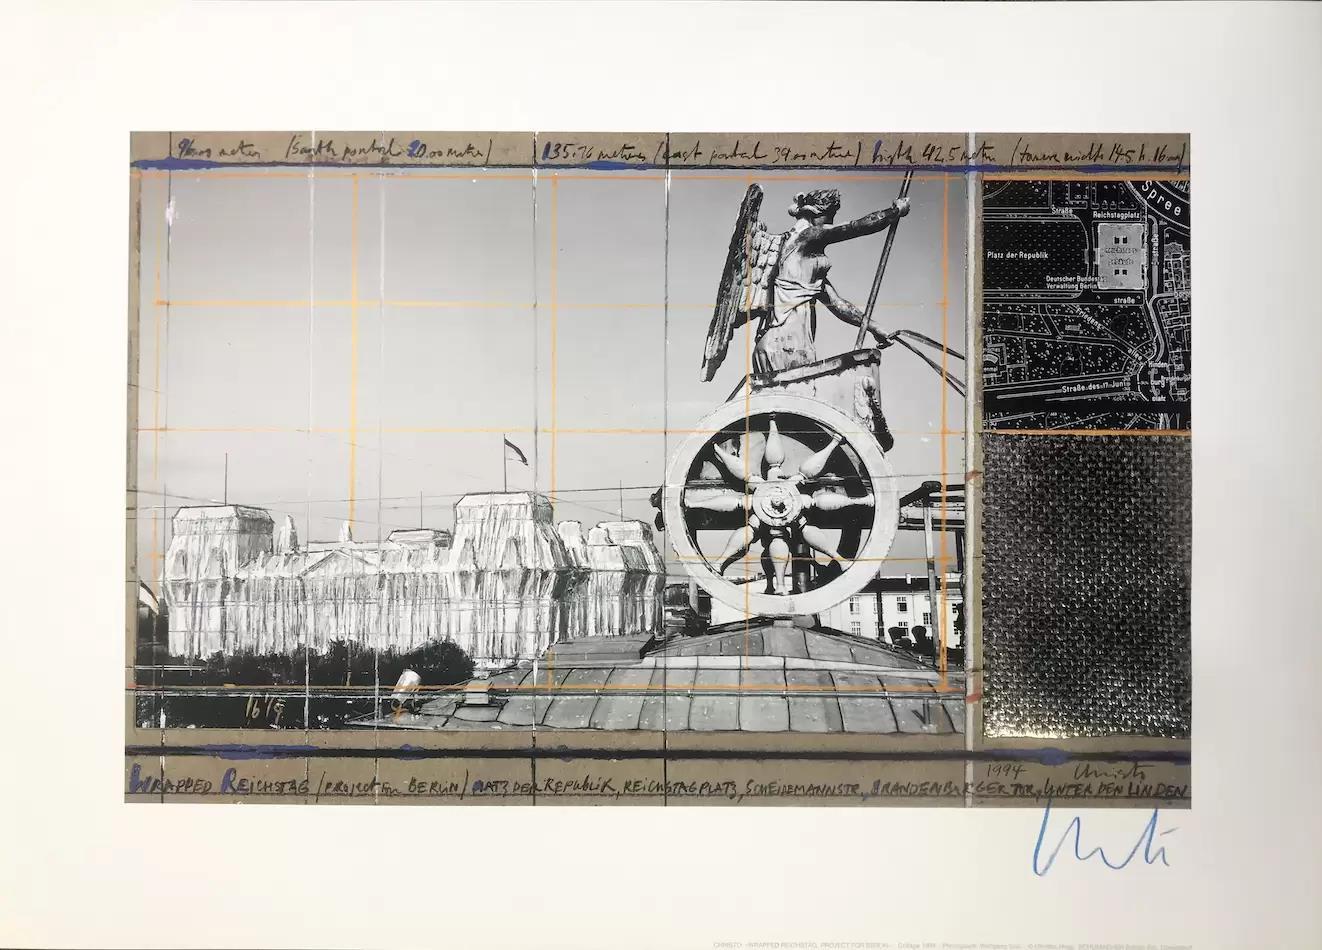 Verhüllter Reichstag XVI, (handsigniert), Nr. 16 - Christo - k-2108CHR7